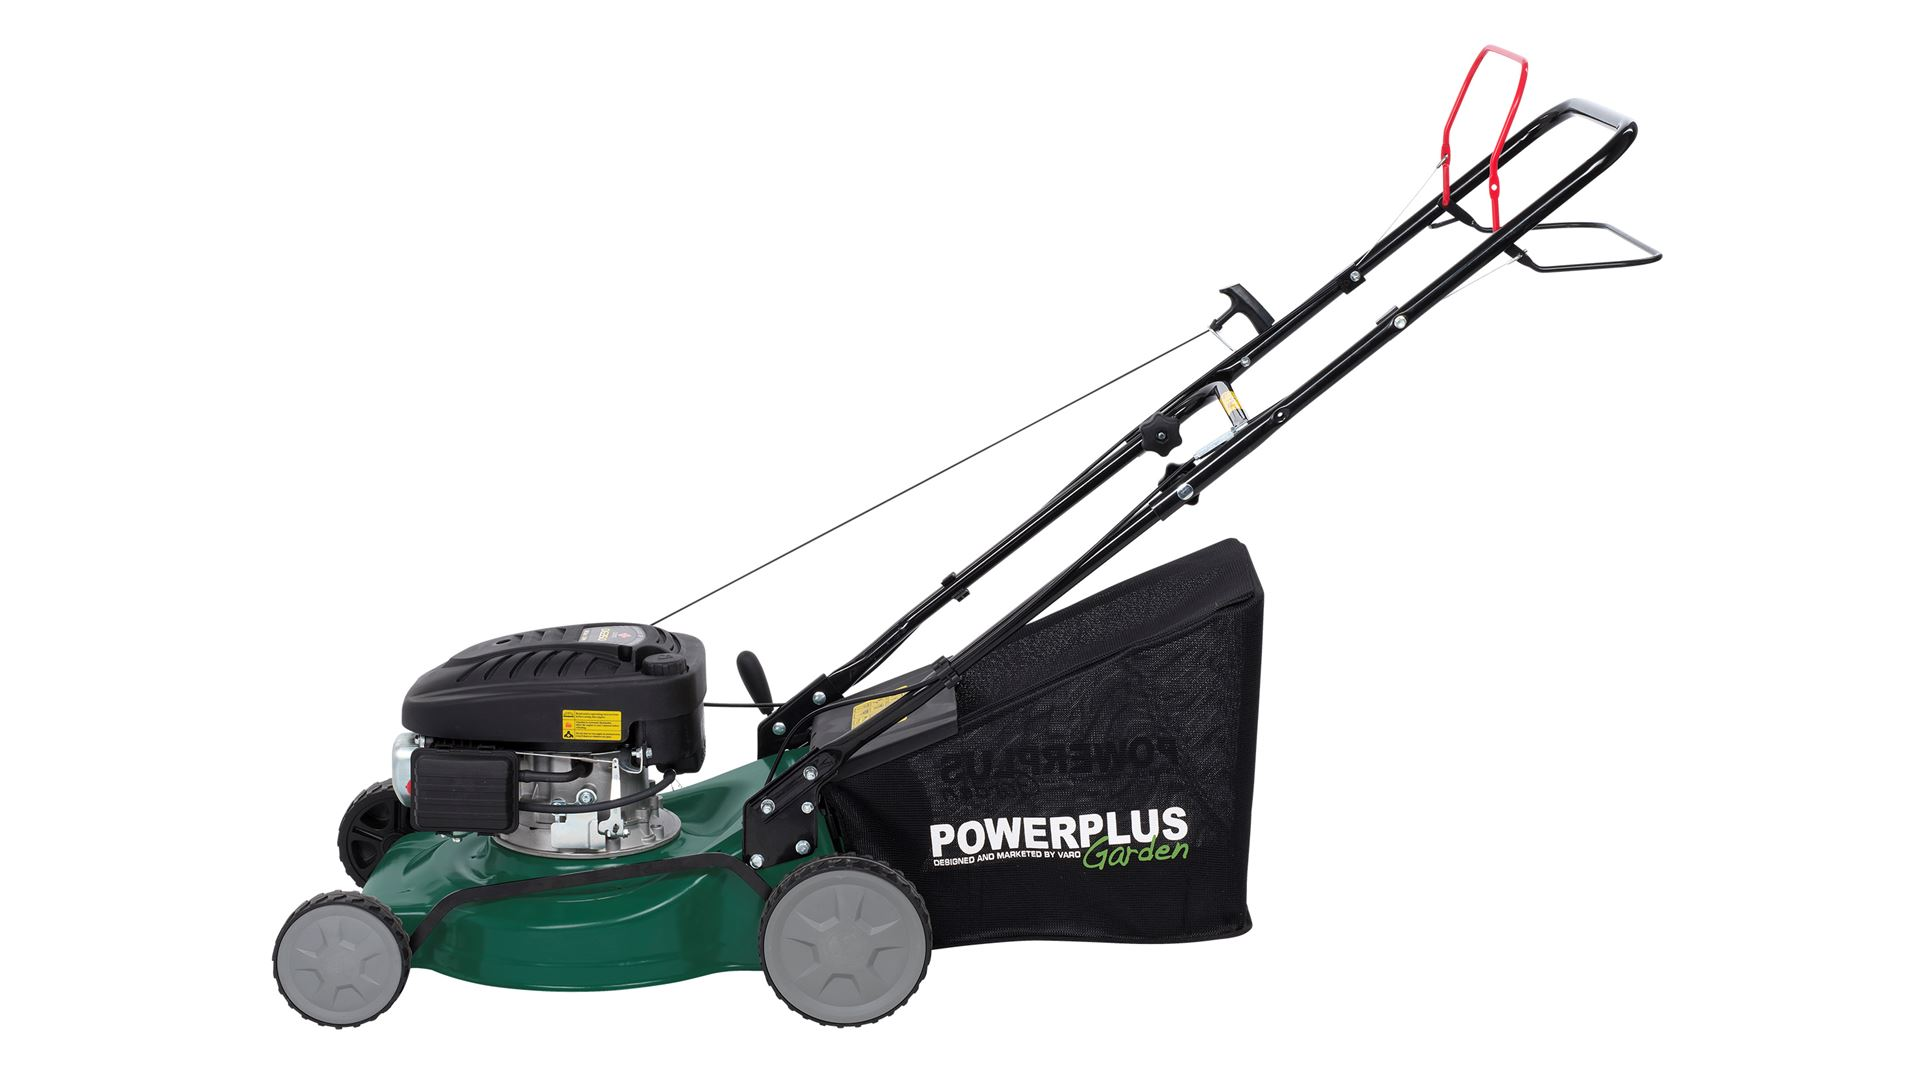 Powerplus Benzine Grasmaaier POWX63771